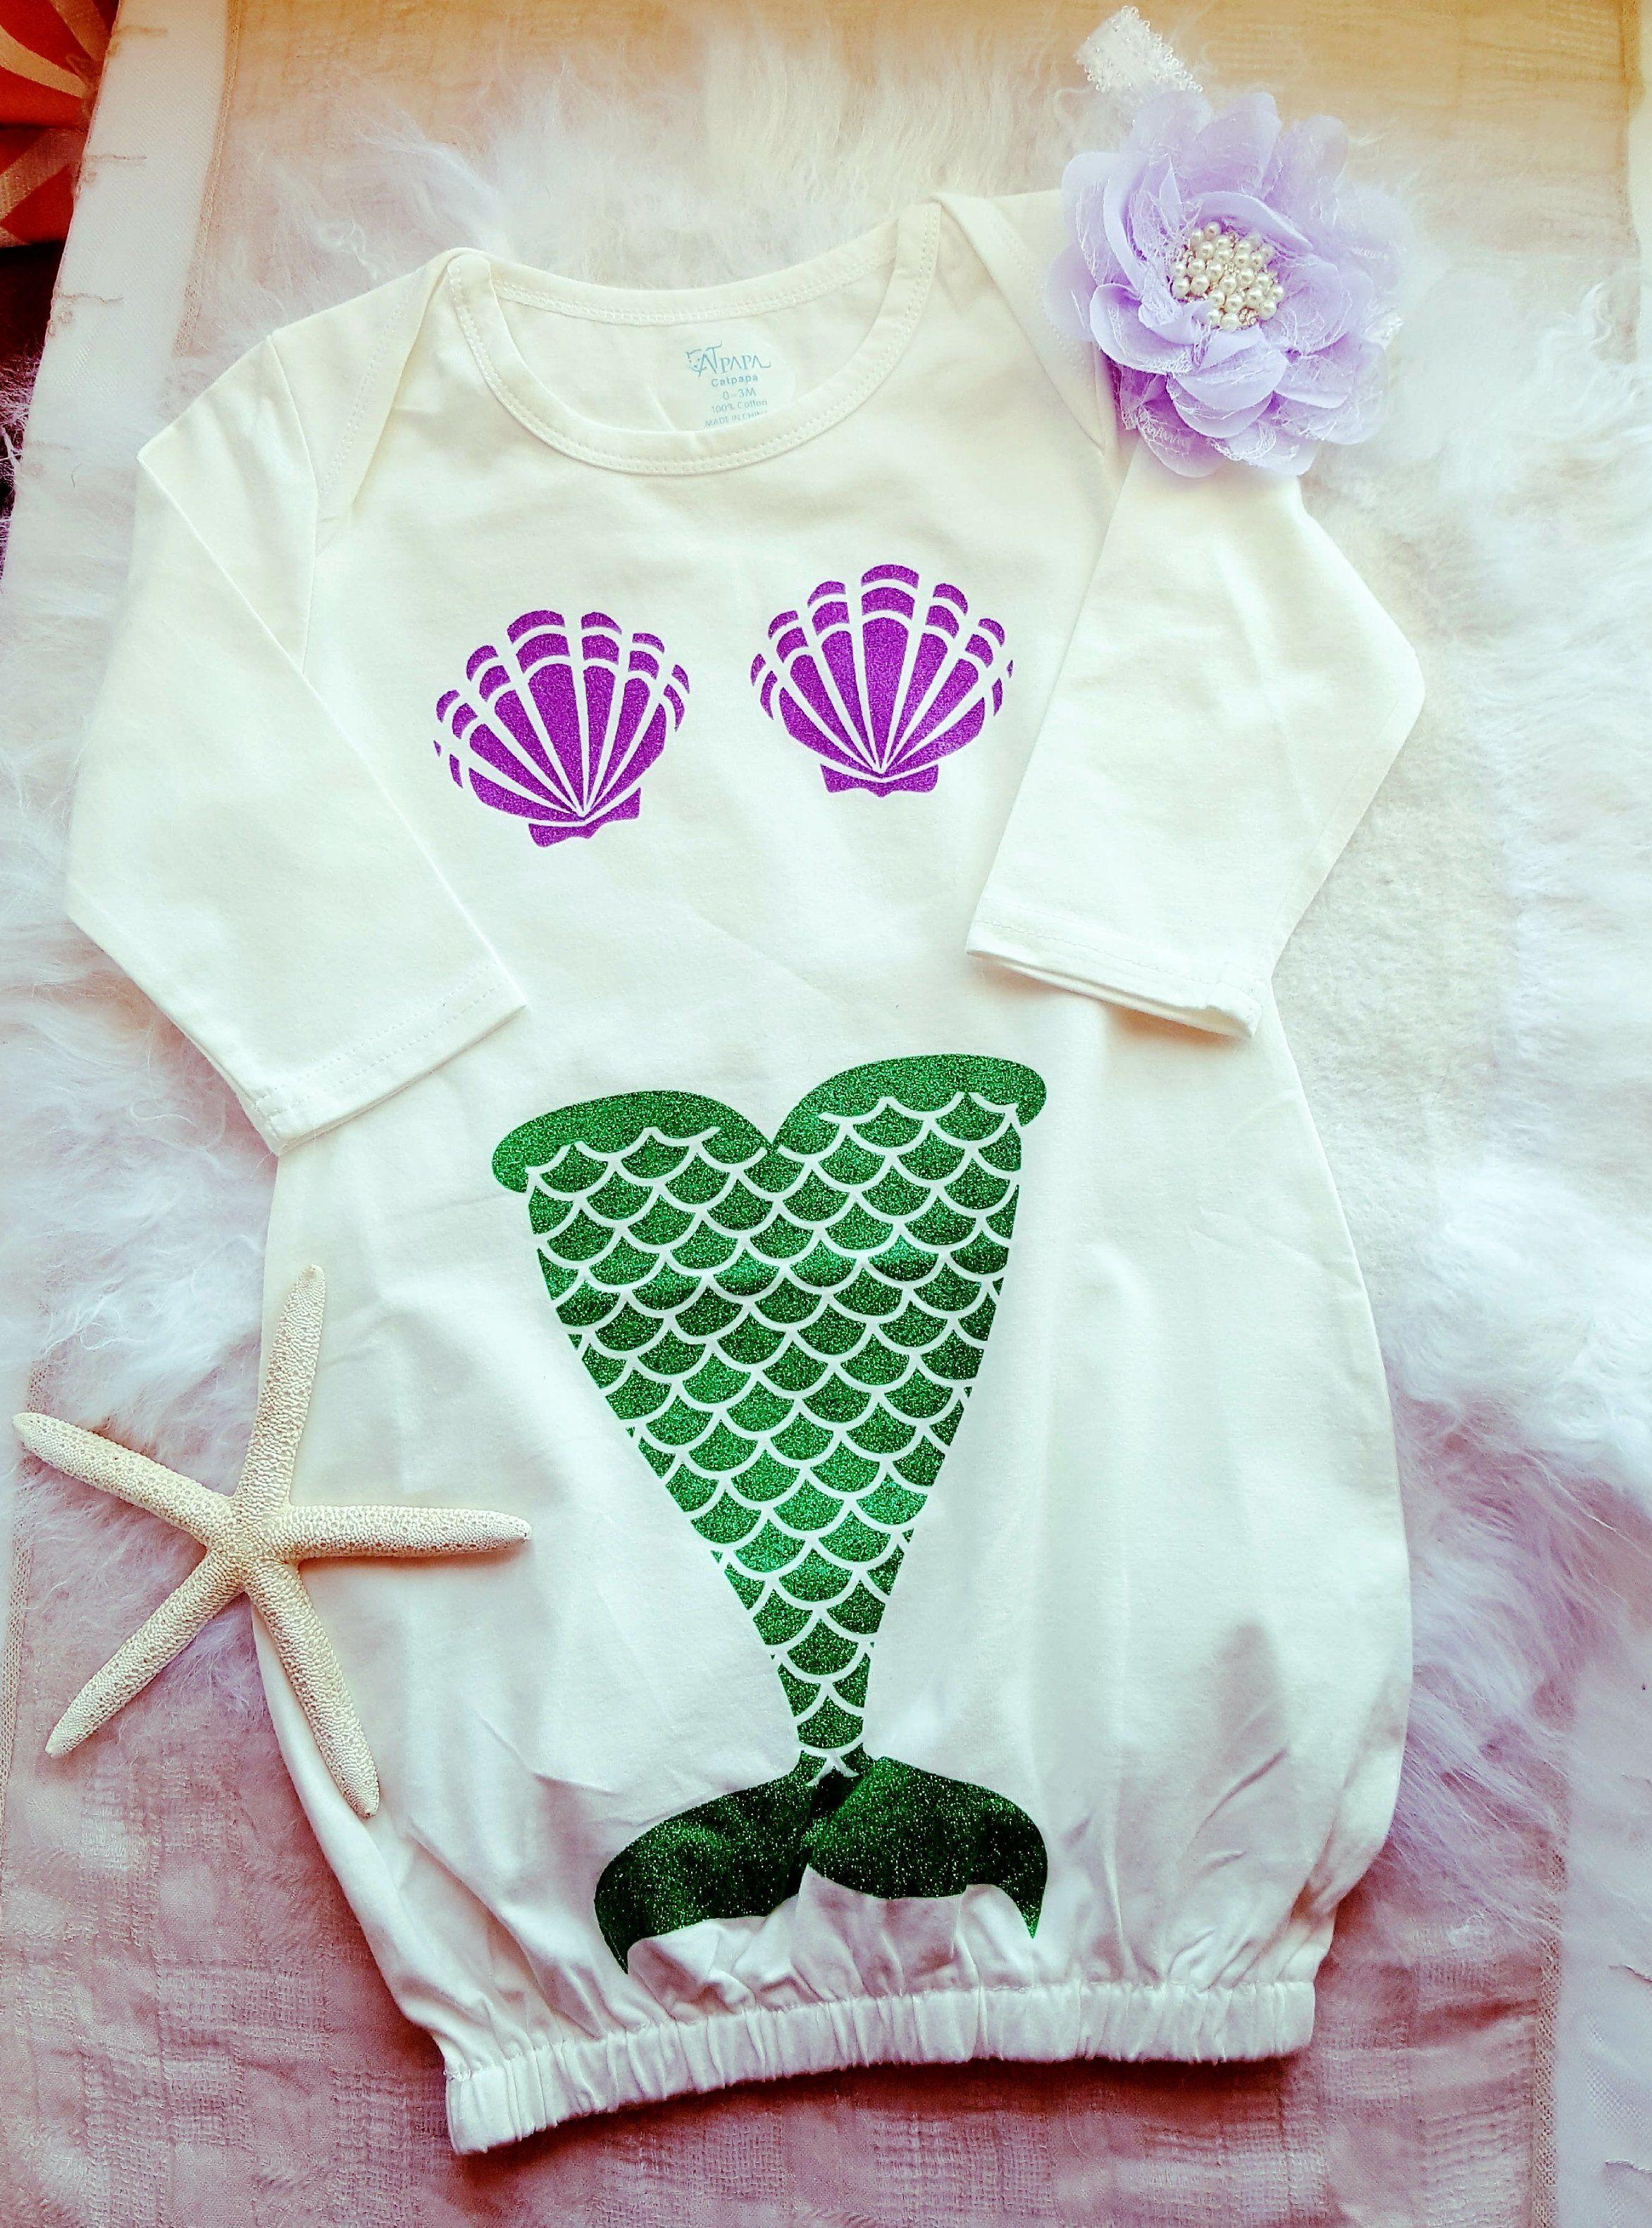 9e7643a89 Little Baby Mermaid Sleeping Gown Newborn Size Mermaid s Tale Purple ...